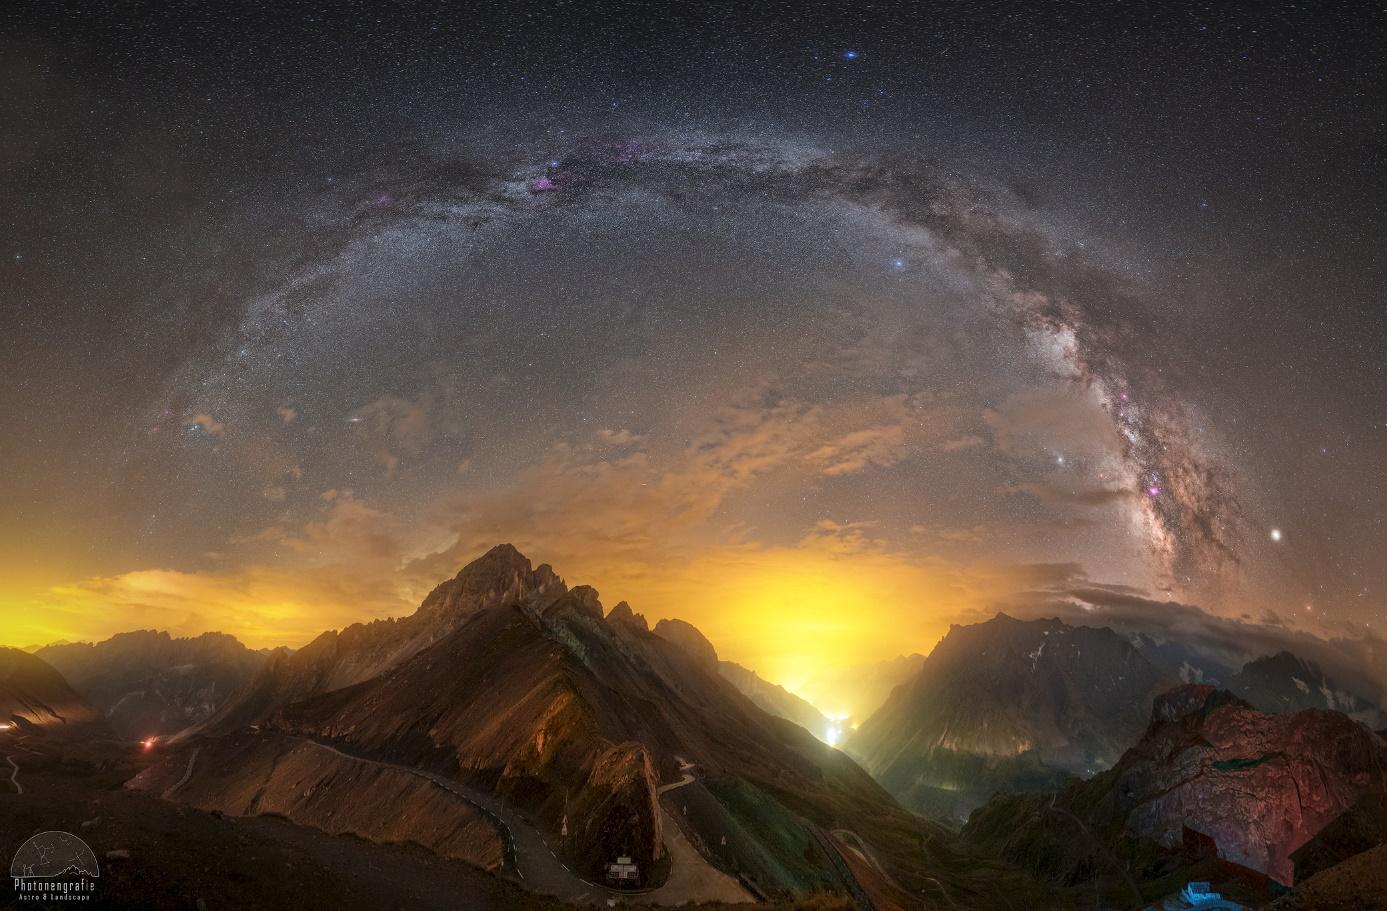 Komplette Milchstraßen Panos im Spätsommer. Geht das und wenn ja wie?